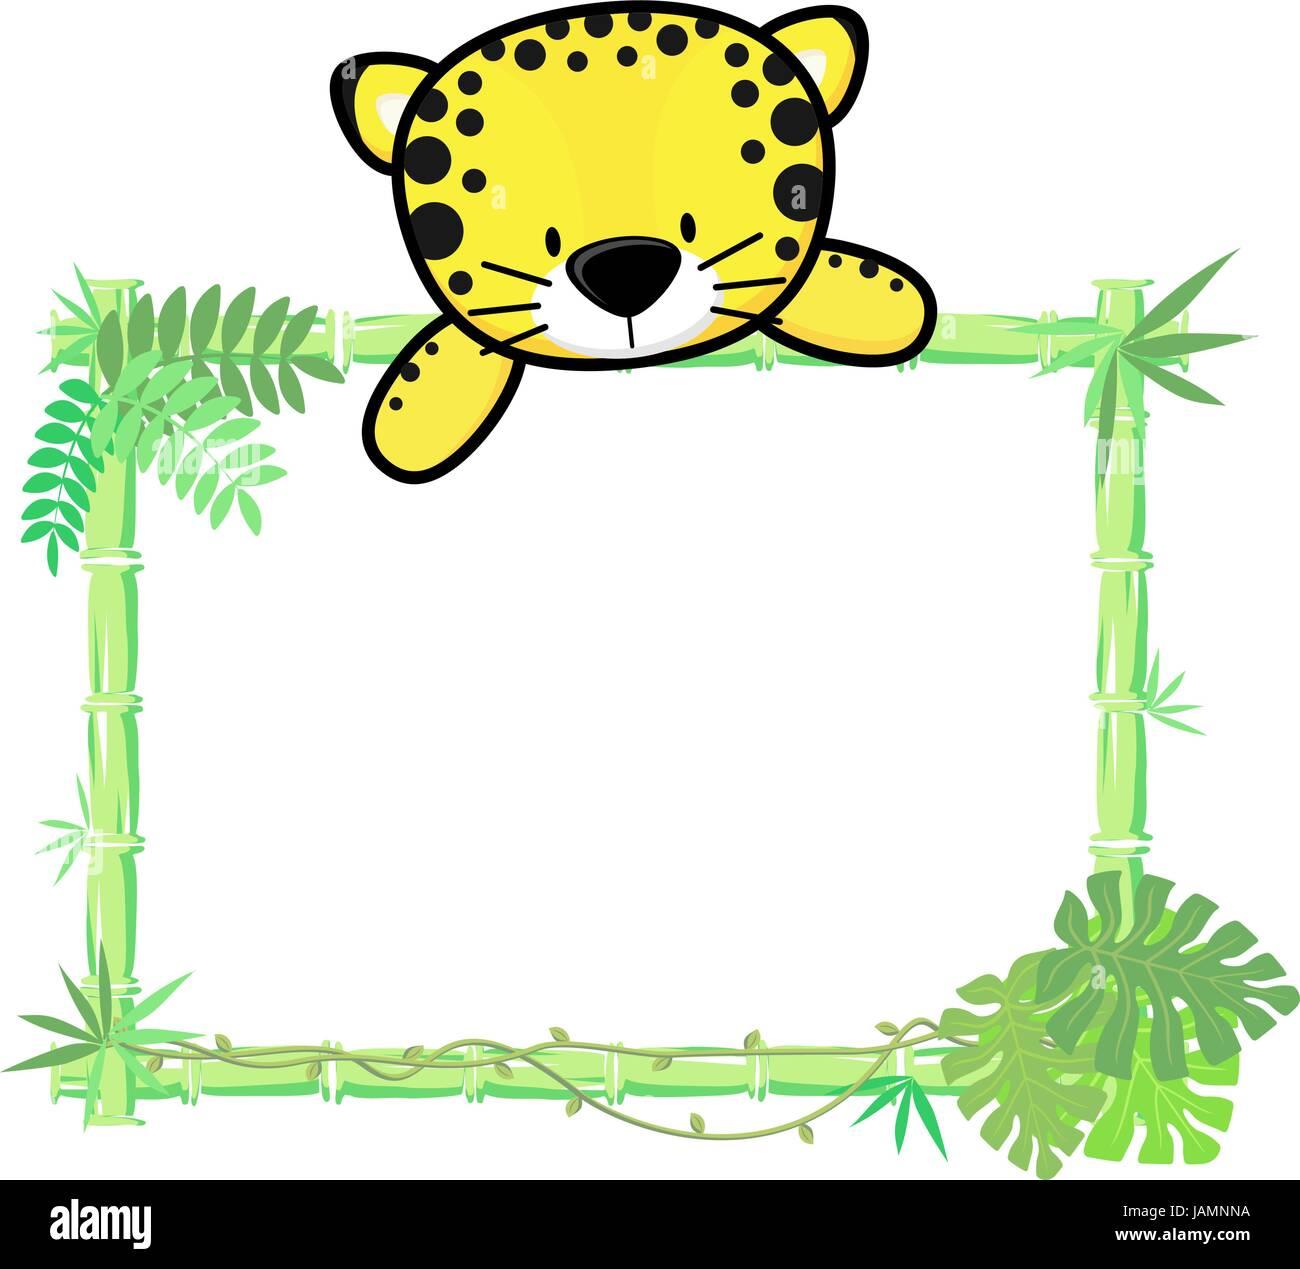 Baby Jaguar Imágenes De Stock & Baby Jaguar Fotos De Stock - Alamy